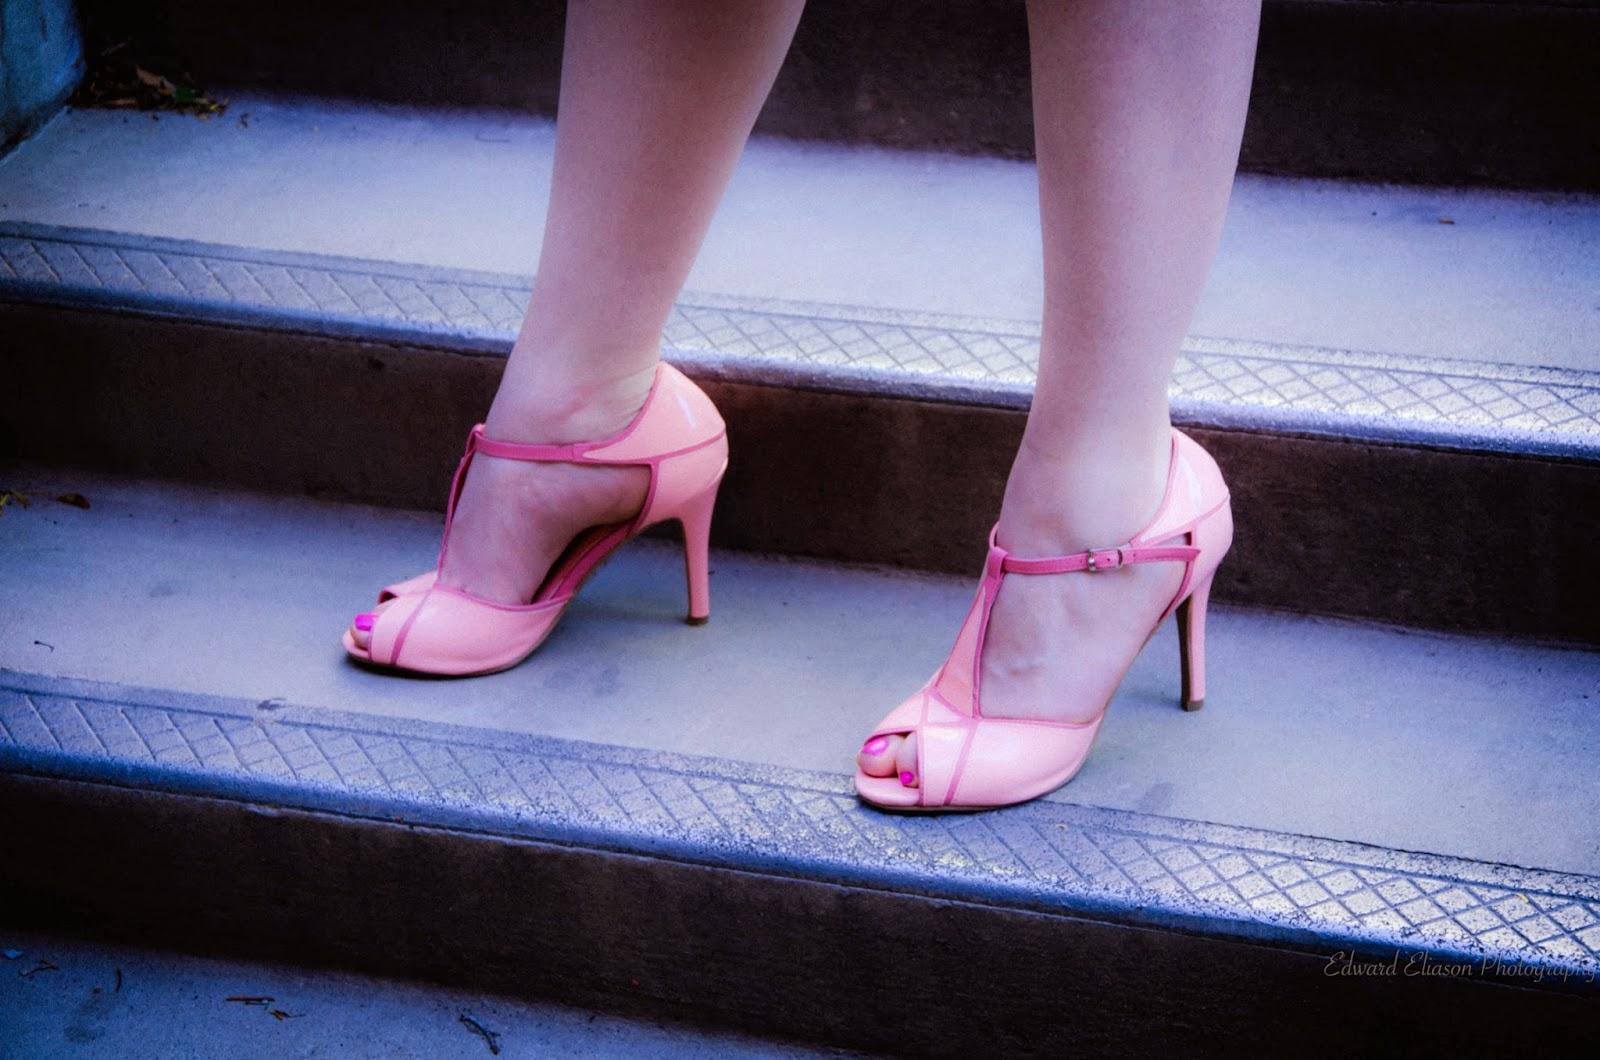 affordable fashion, Edward Eliason Photography, ami clubwear, amiclubwear, antonio melani, Aubrey Jacquard  dress, cheap heels, dillards, dress, heels, jacquard dress, nordstrom fashion, pink dress, pretty heels,